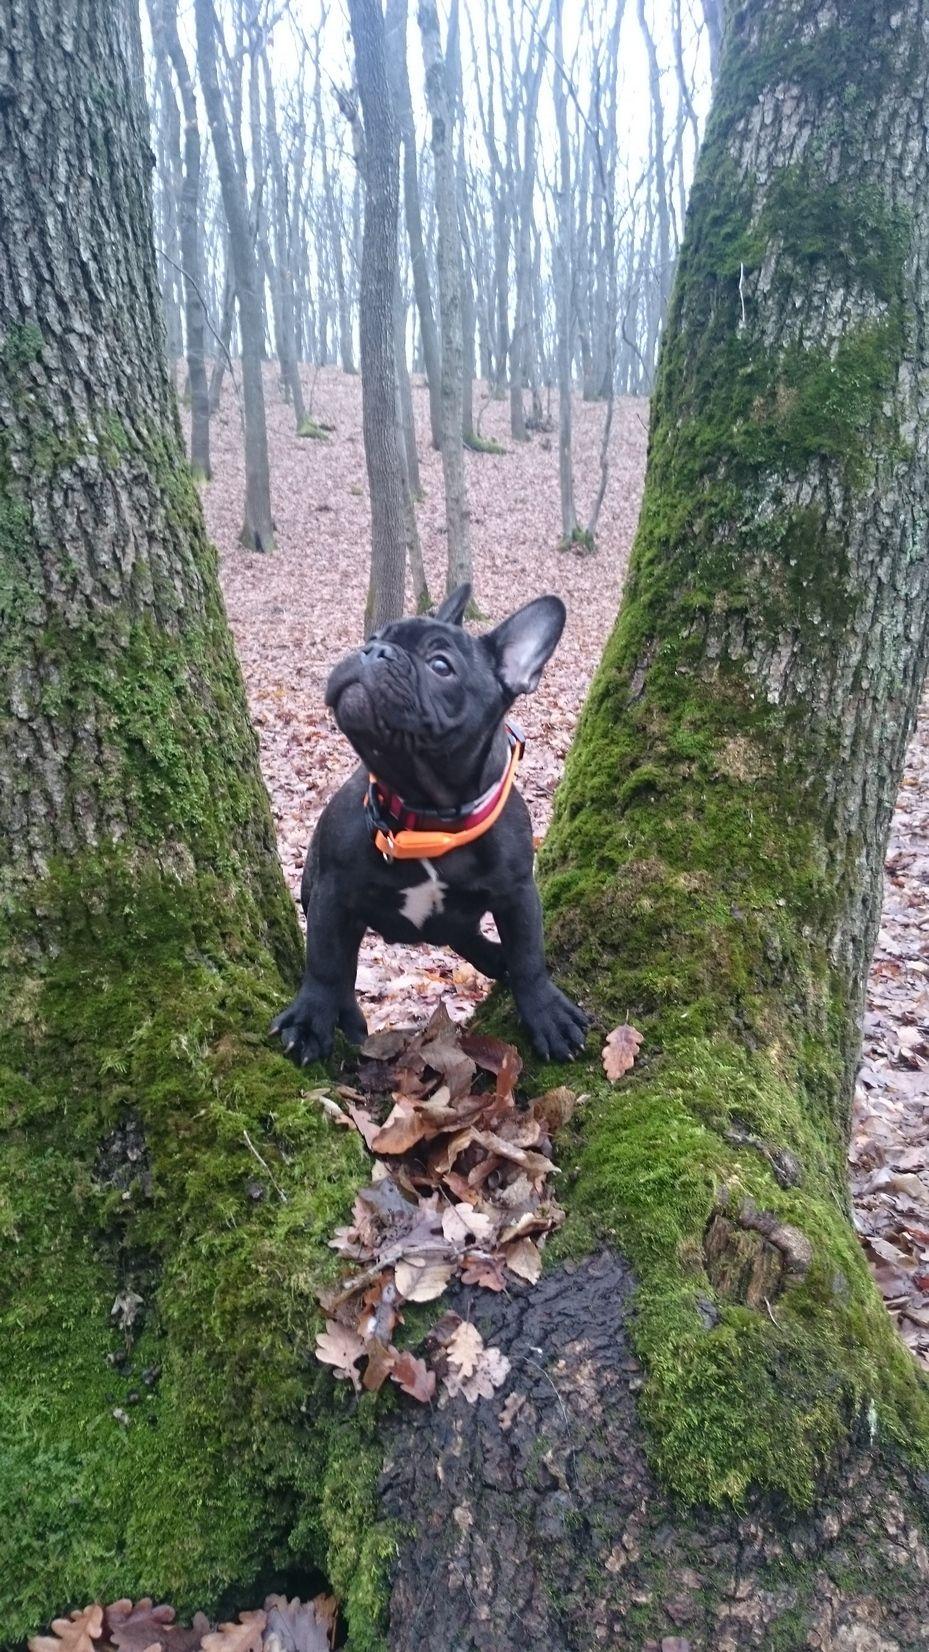 Resultado de imagen para french bulldog squirrel